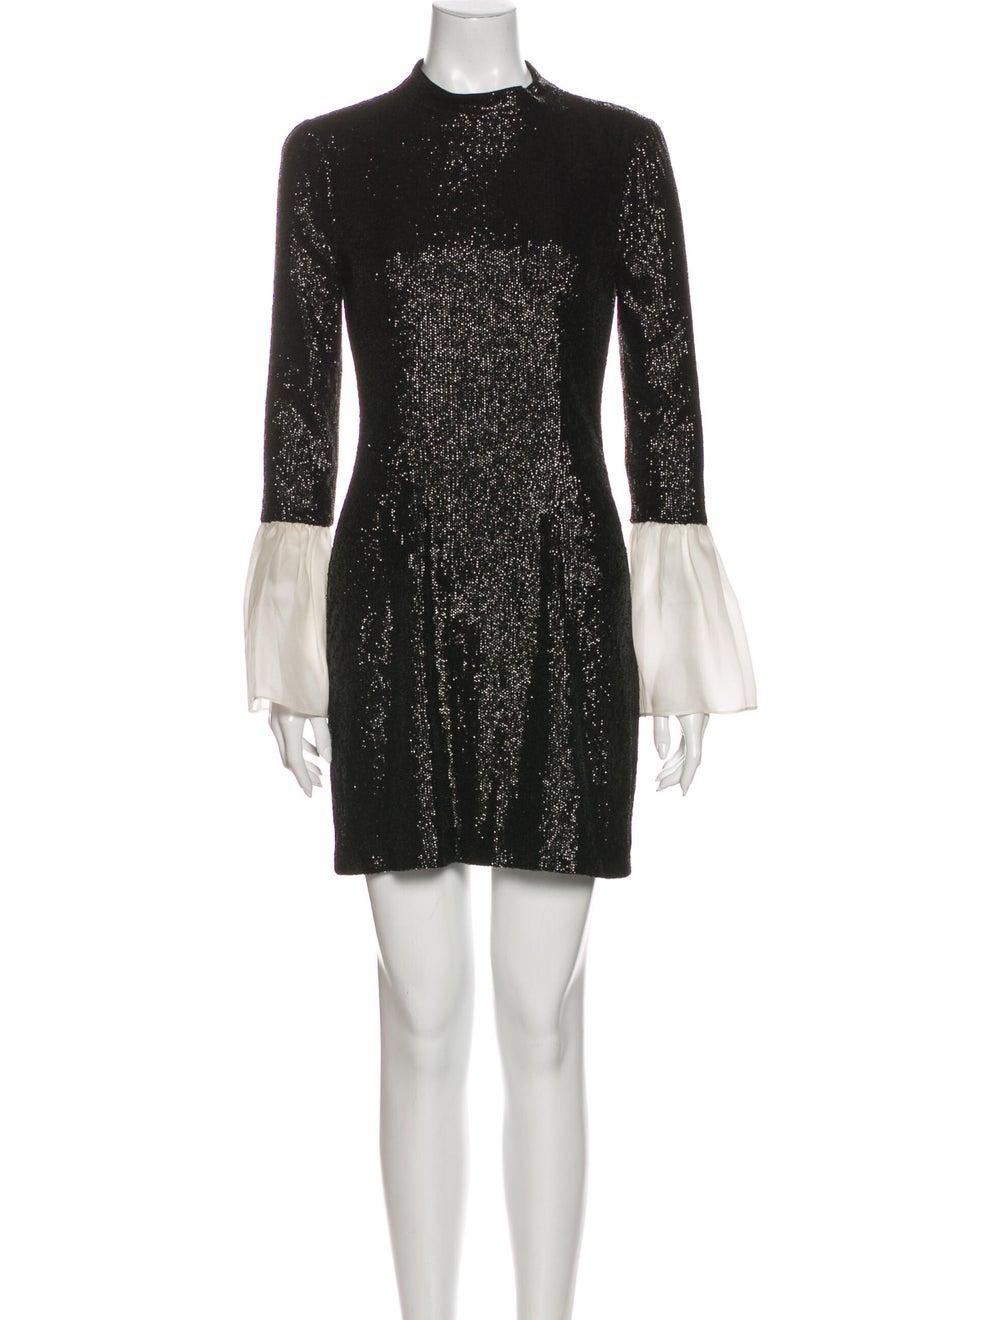 Rachel Zoe Crew Neck Mini Dress Black - image 1